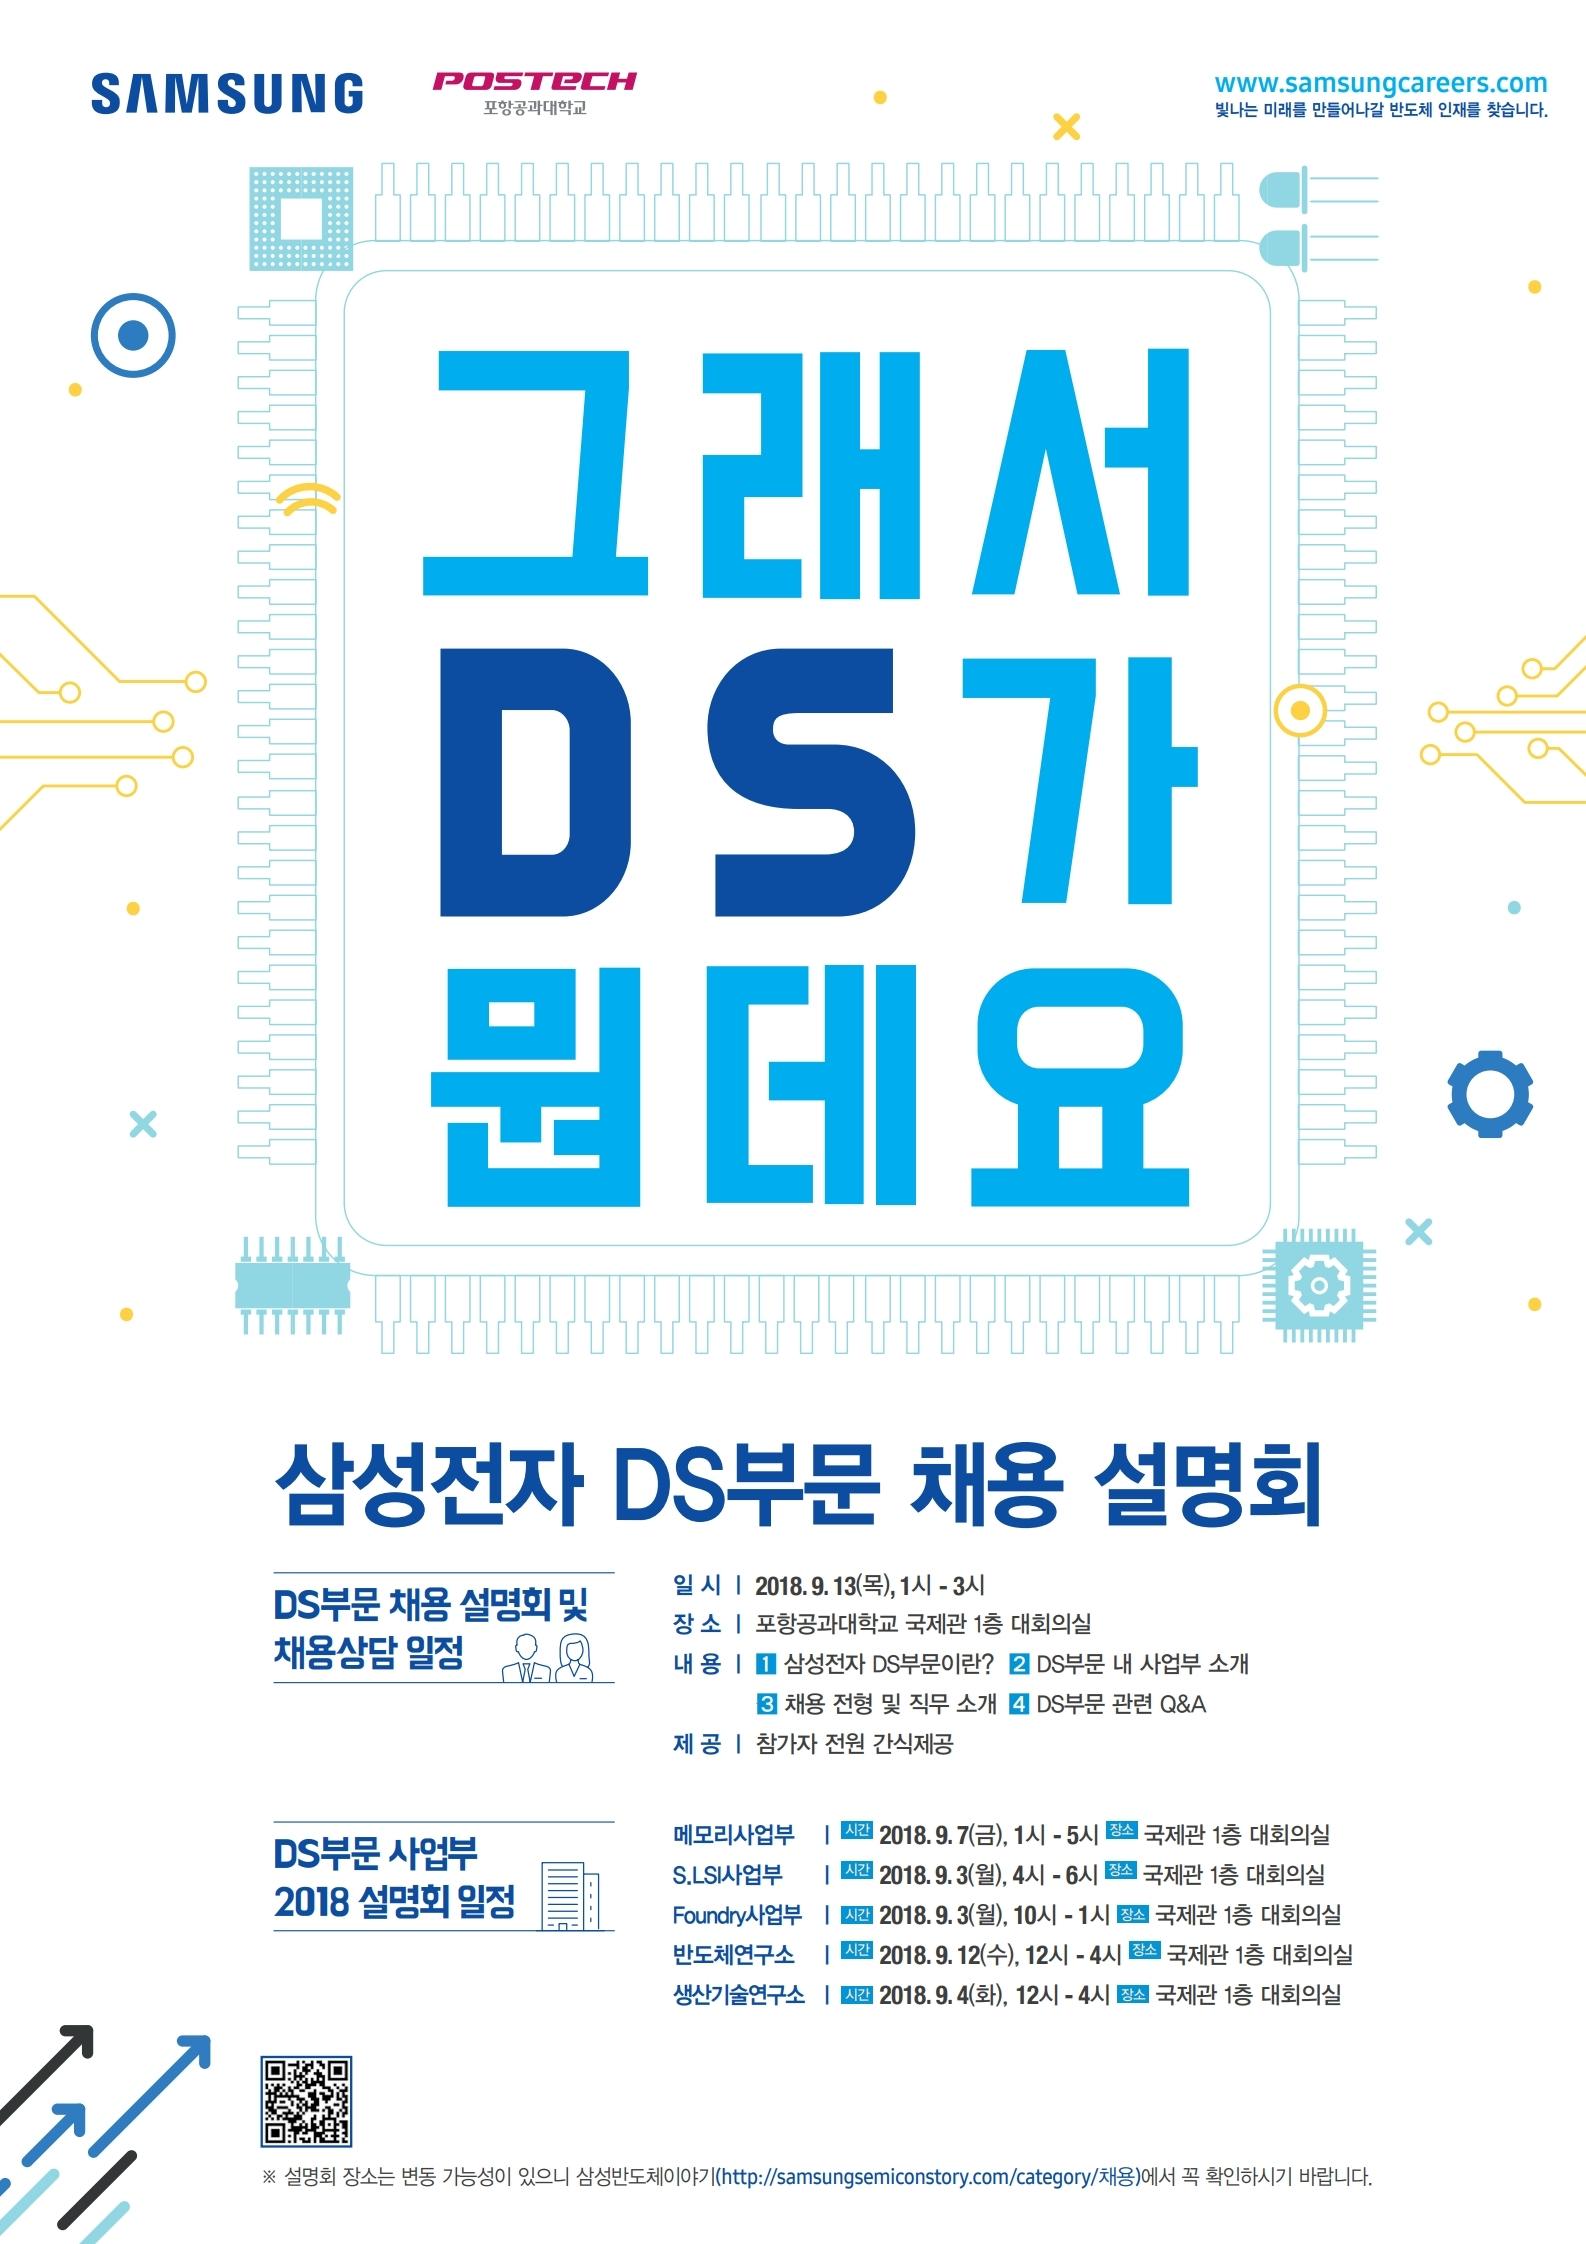 삼성전자 채용 포스터_KAIST.jpg